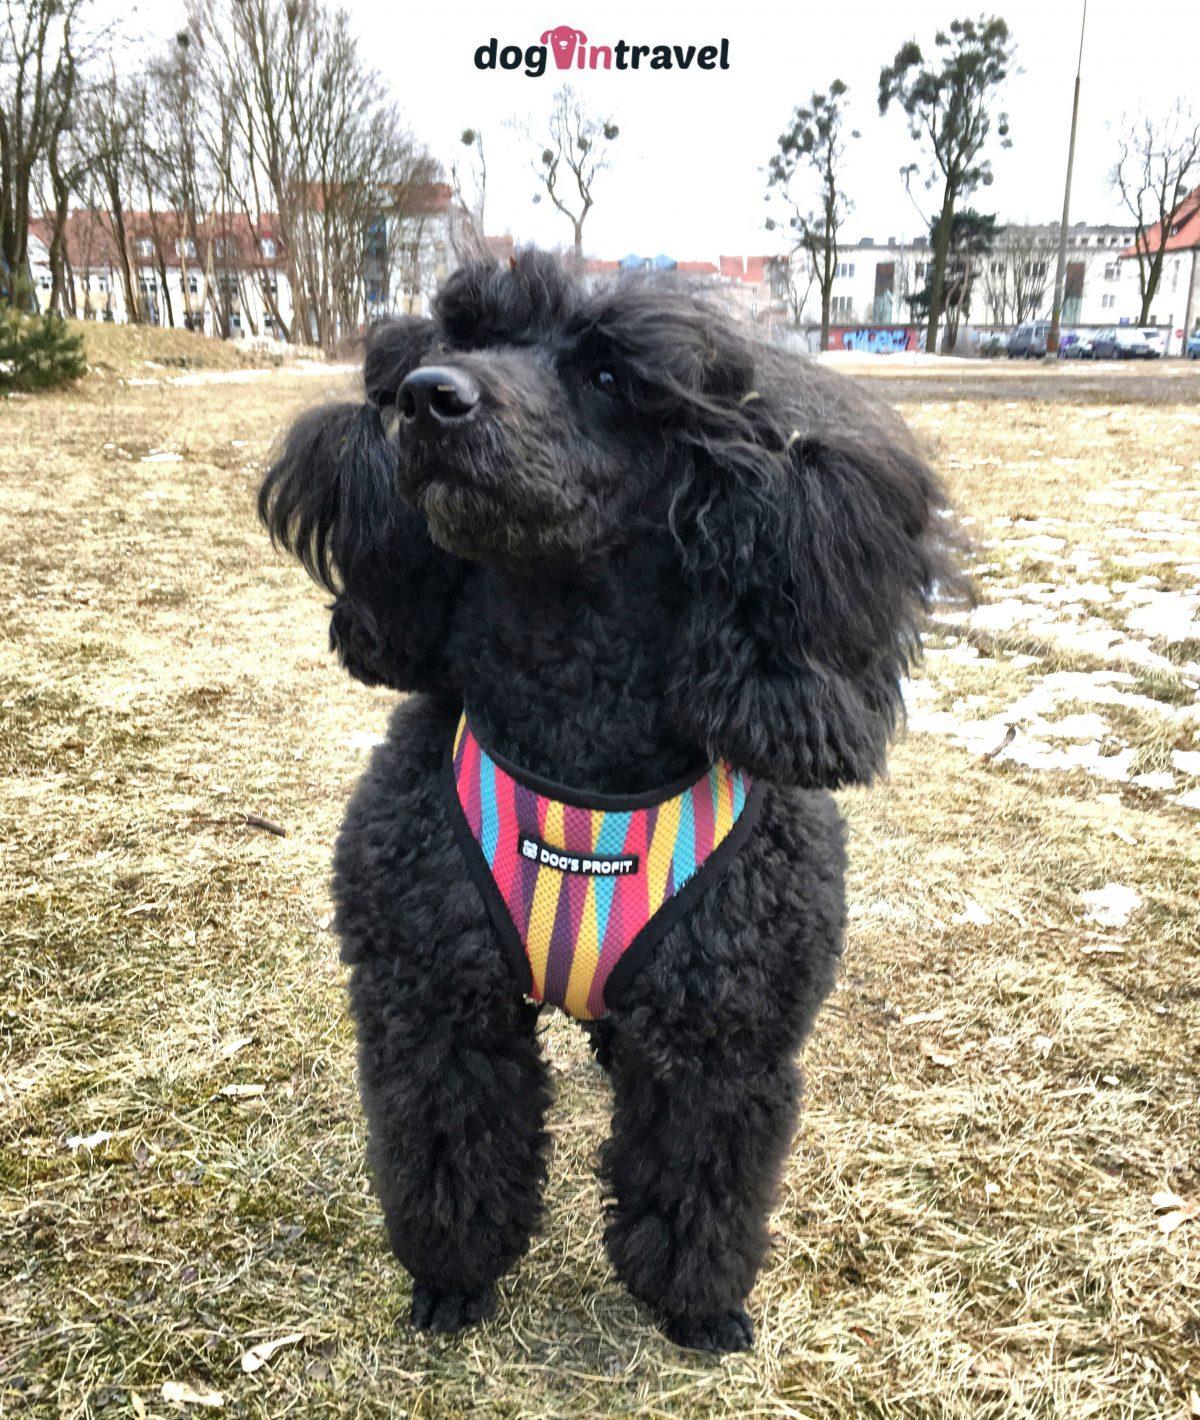 Jakie szelki dla psa wybrać?